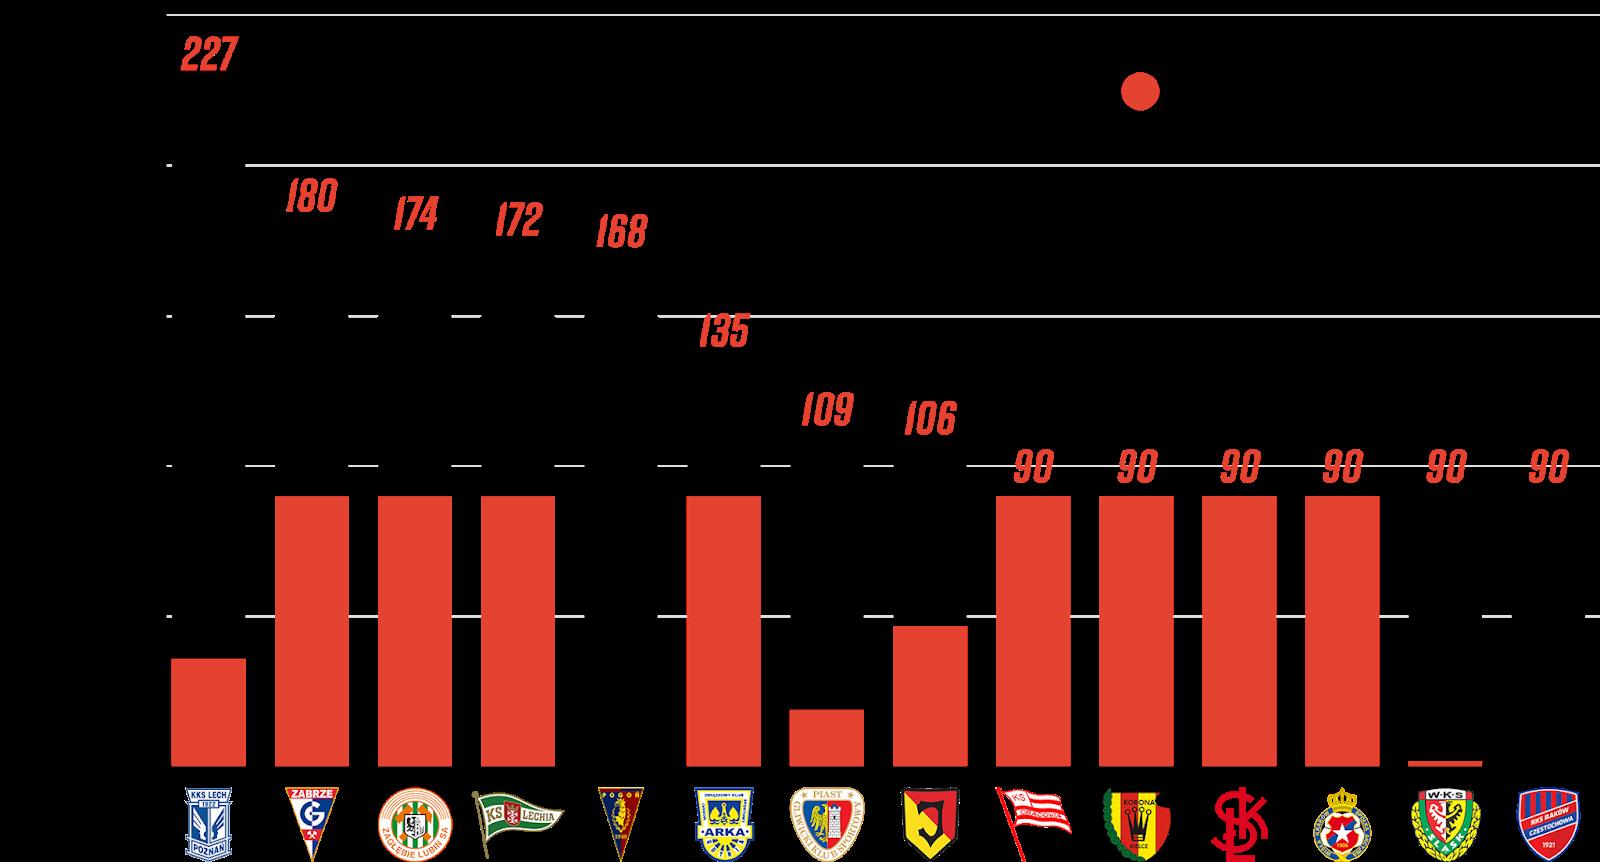 Klasyfikacja klubów pod względem rozegranych minut przez młodzieżowców w 4. kolejce PKO Ekstraklasy<br><br>Źródło: Opracowanie własne na podstawie 90minut.pl<br><br>graf. Bartosz Urban